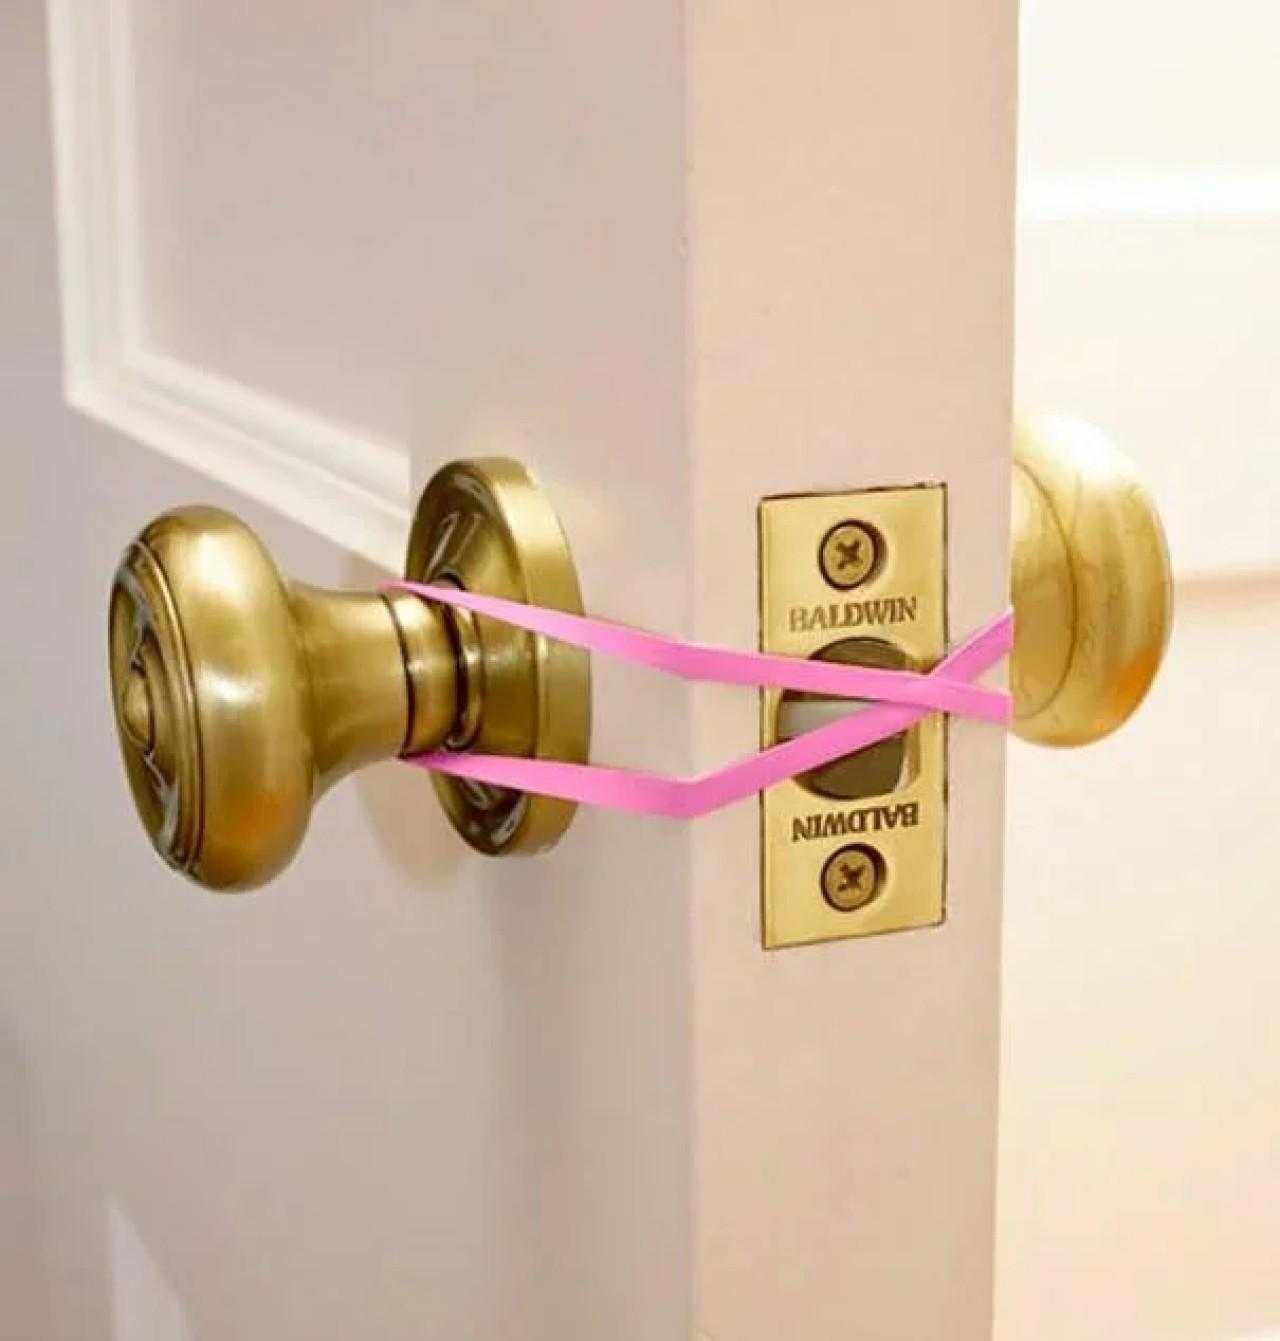 Резинка для волос на защелке двери